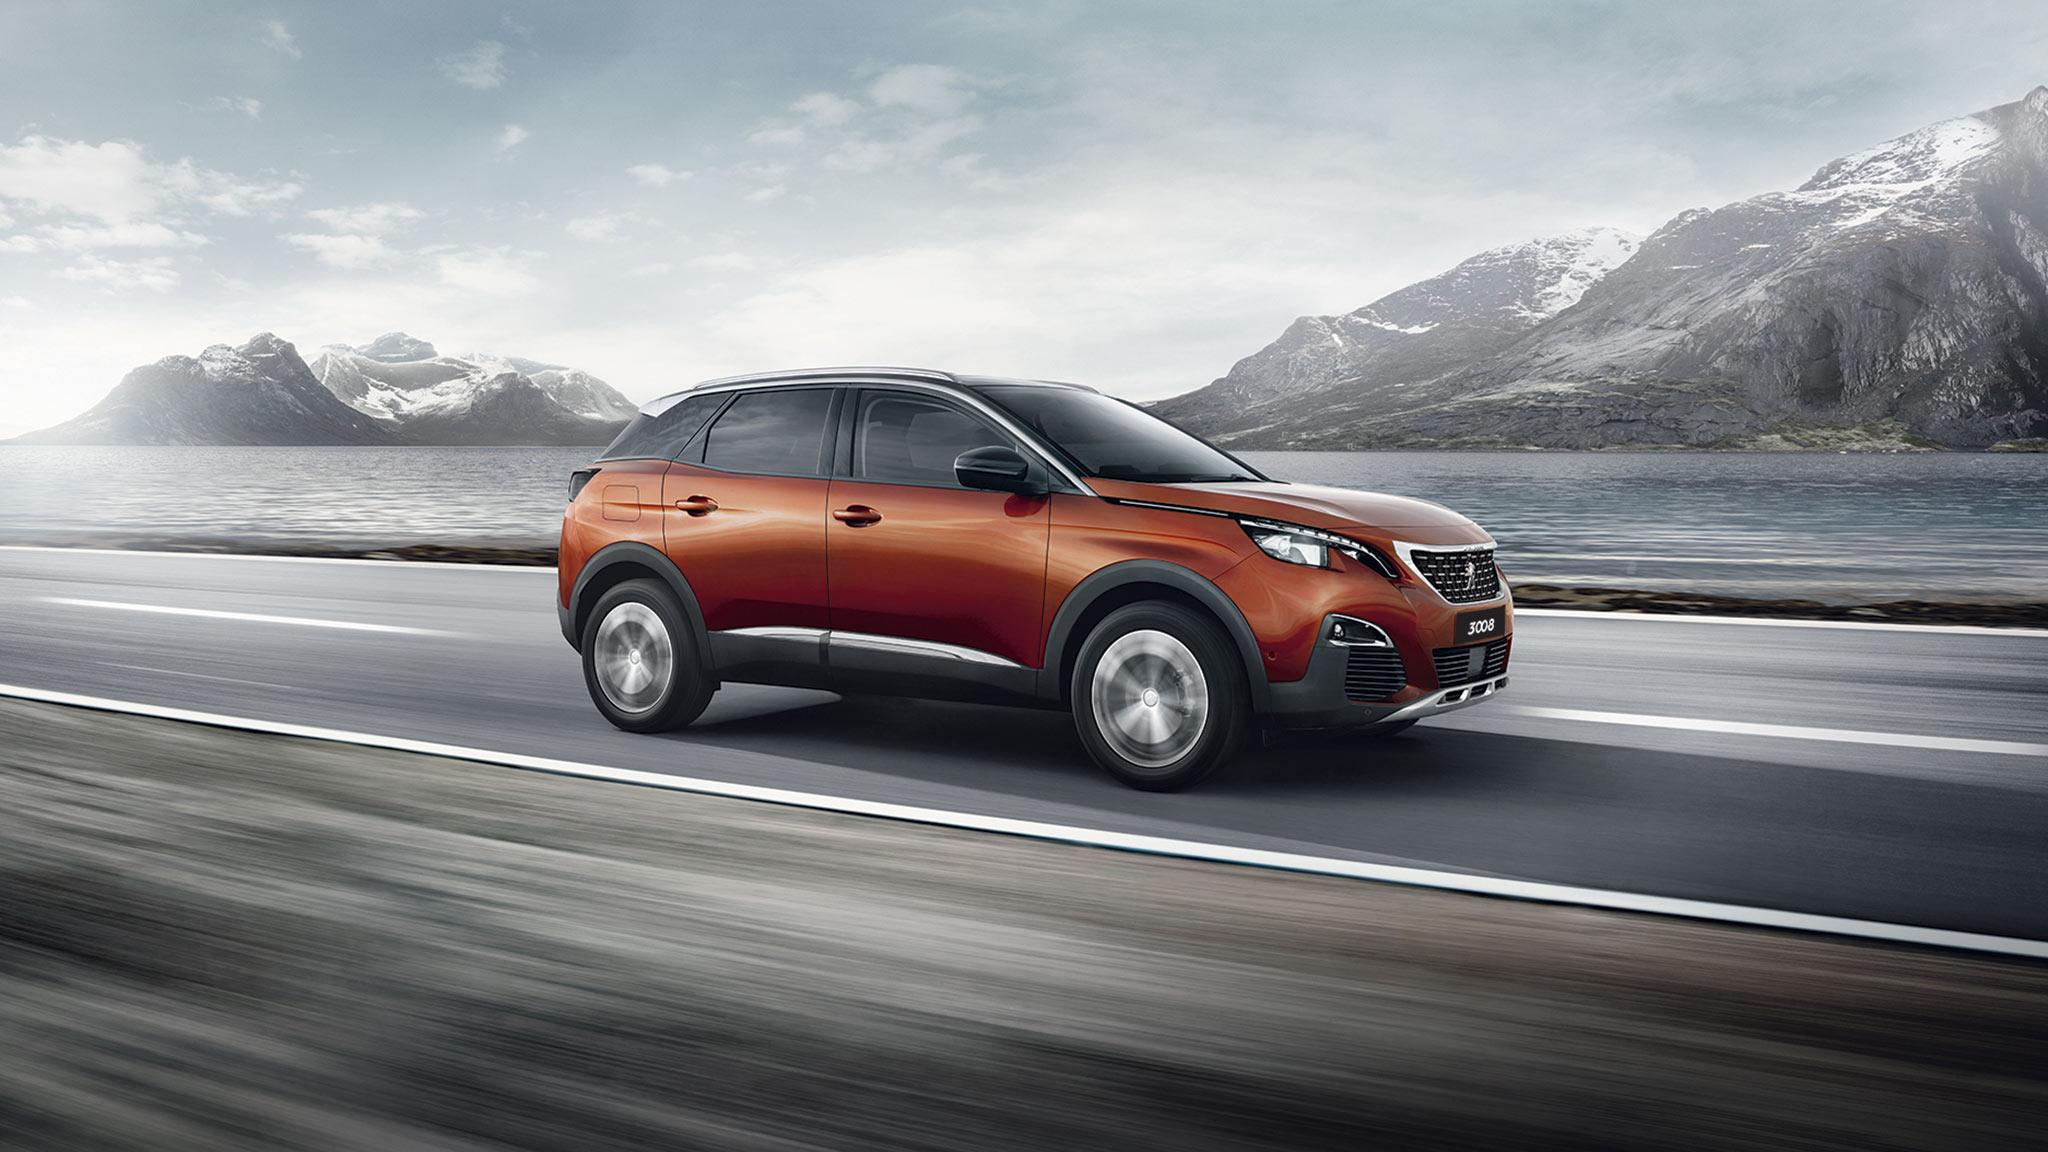 """Những công nghệ đặc biệt giúp Peugeot 3008 """"ghi điểm"""" trong phân khúc SUV peugeot-3008-05.jpg"""